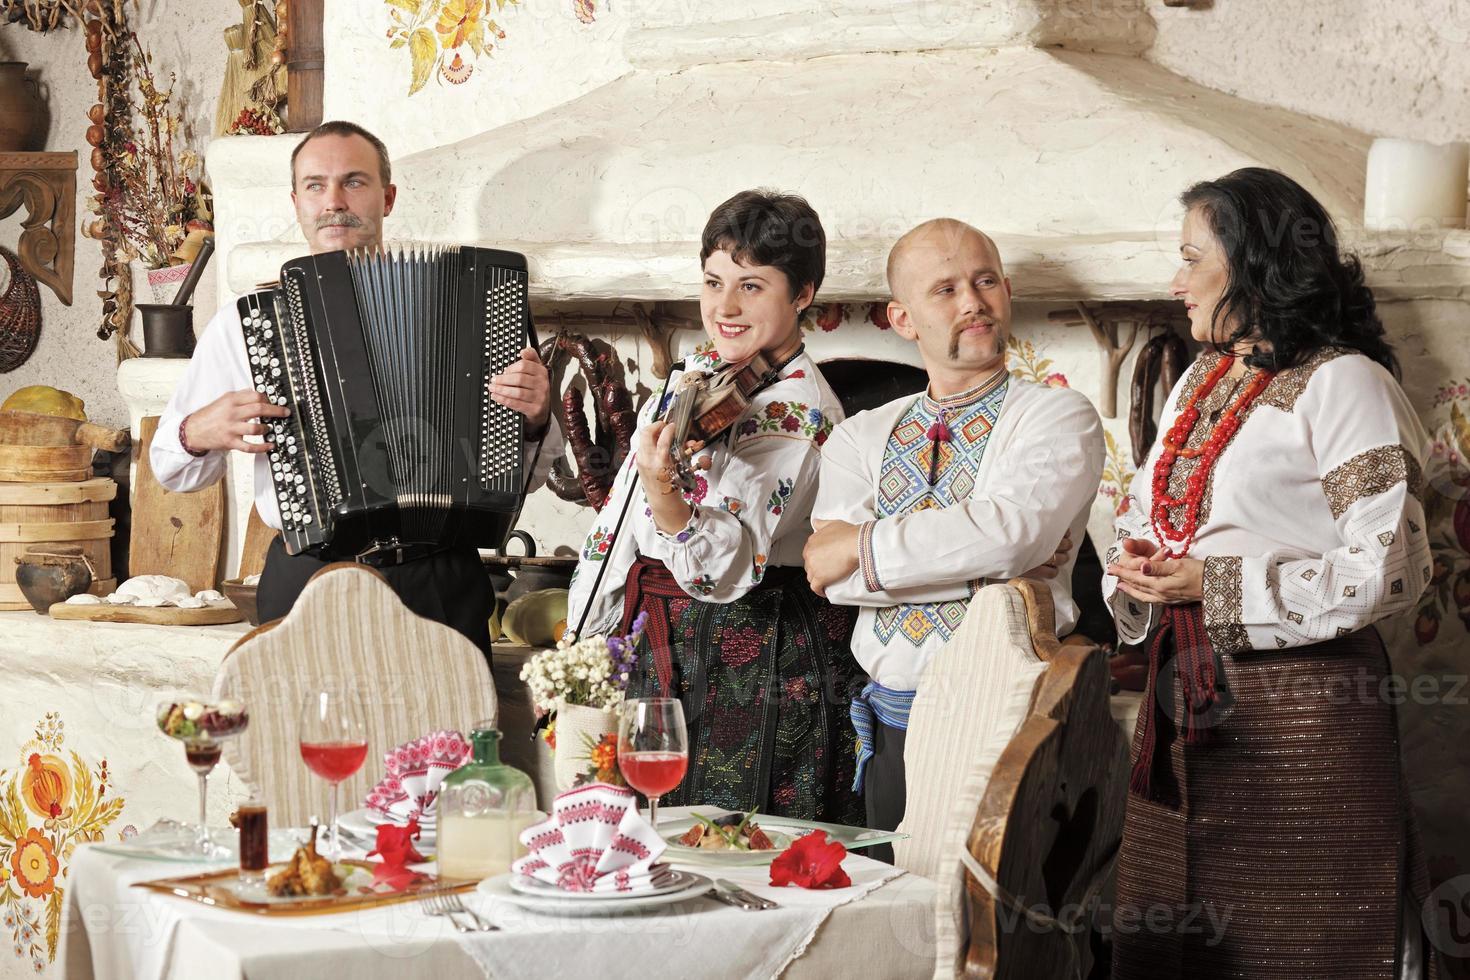 Konzert der ukrainischen ethnischen Musikband foto